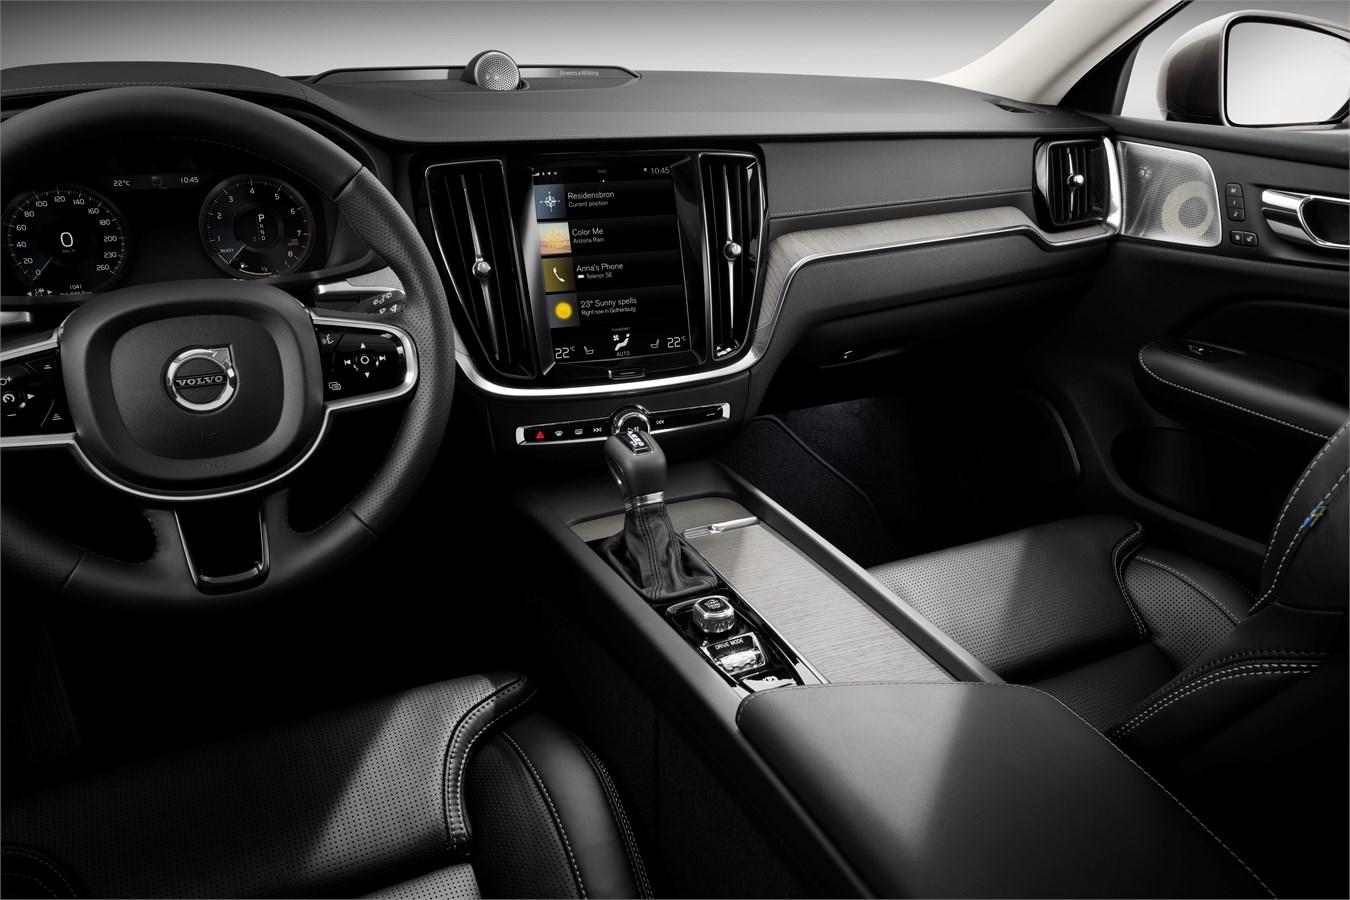 New Volvo V60 Interior Volvo Car Group Global Media Newsroom